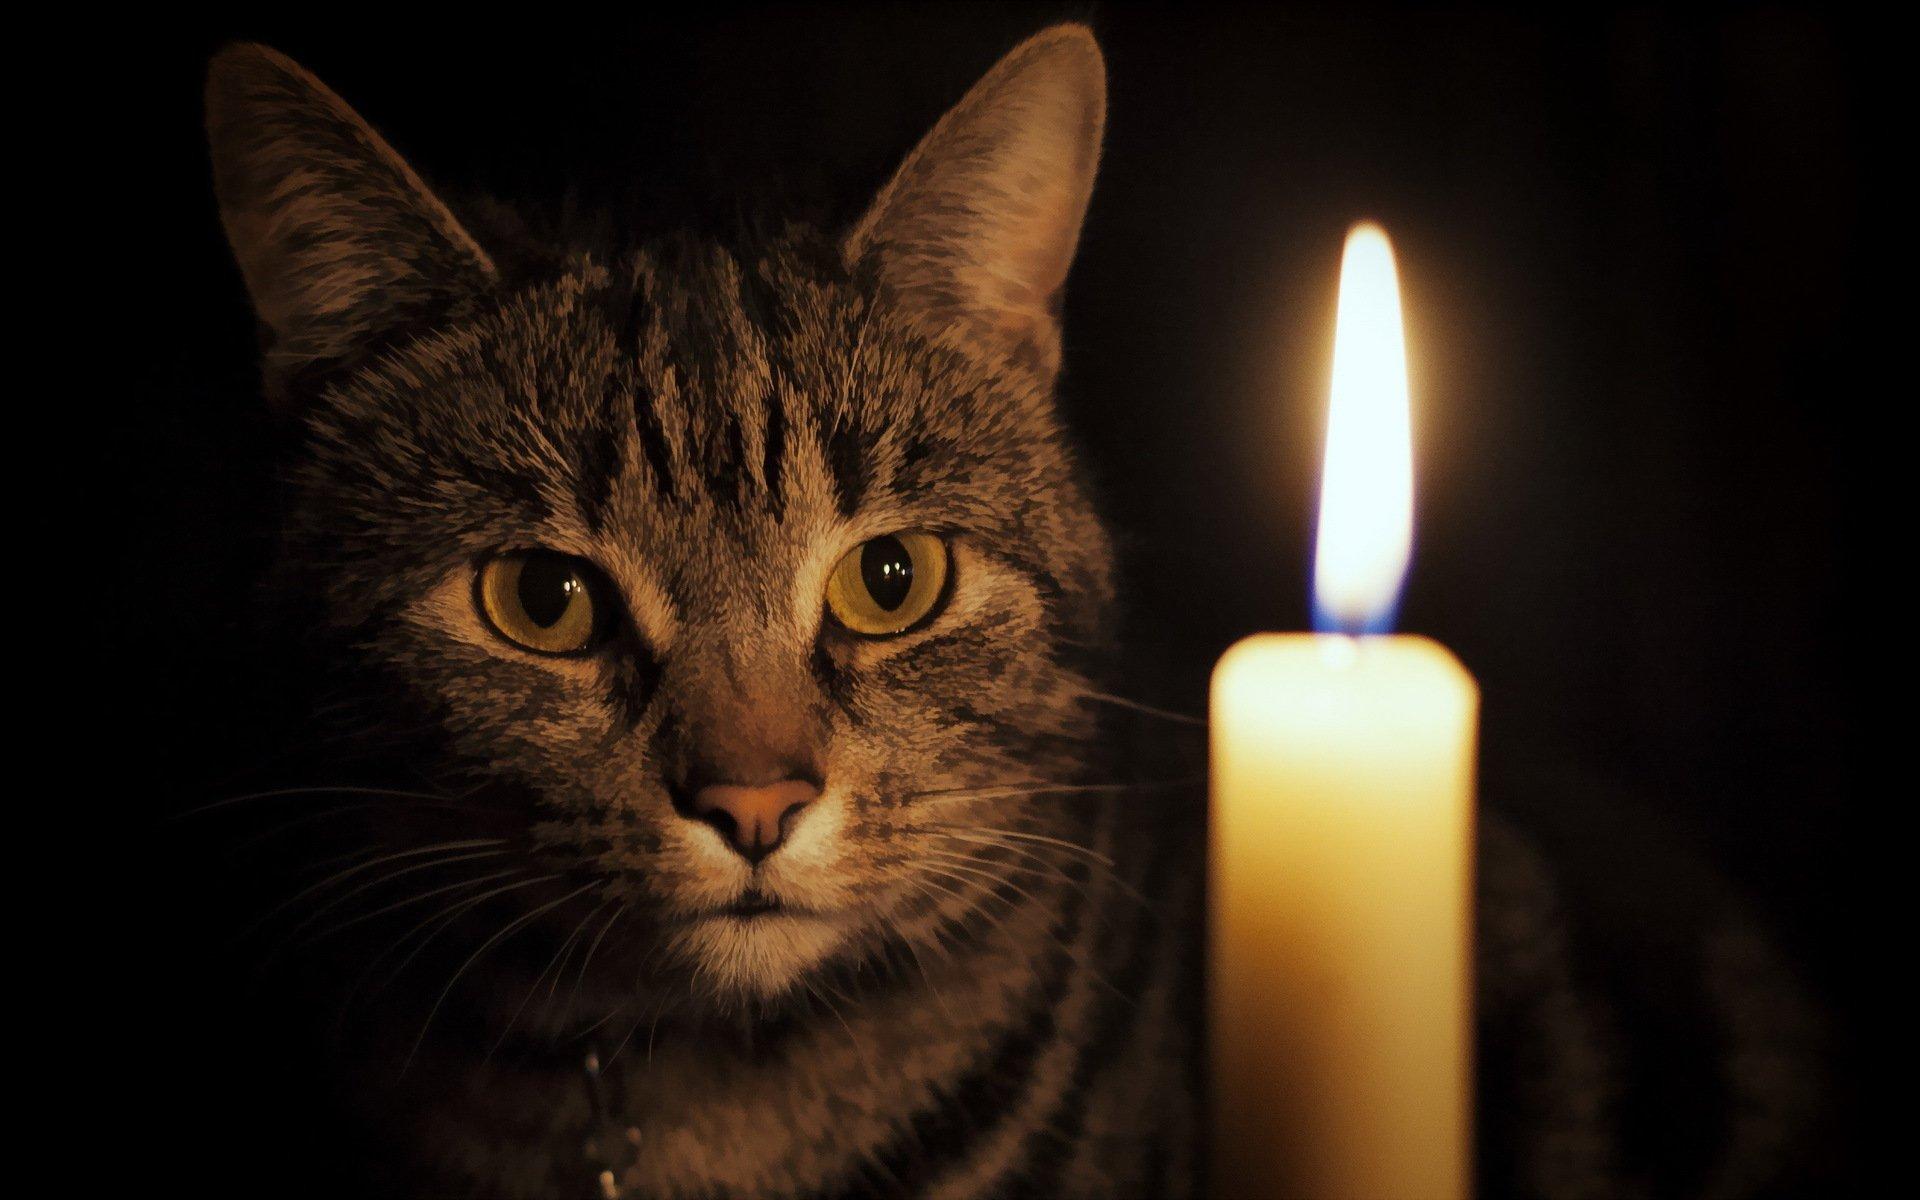 картинки свеча памяти животным назвали заказчика